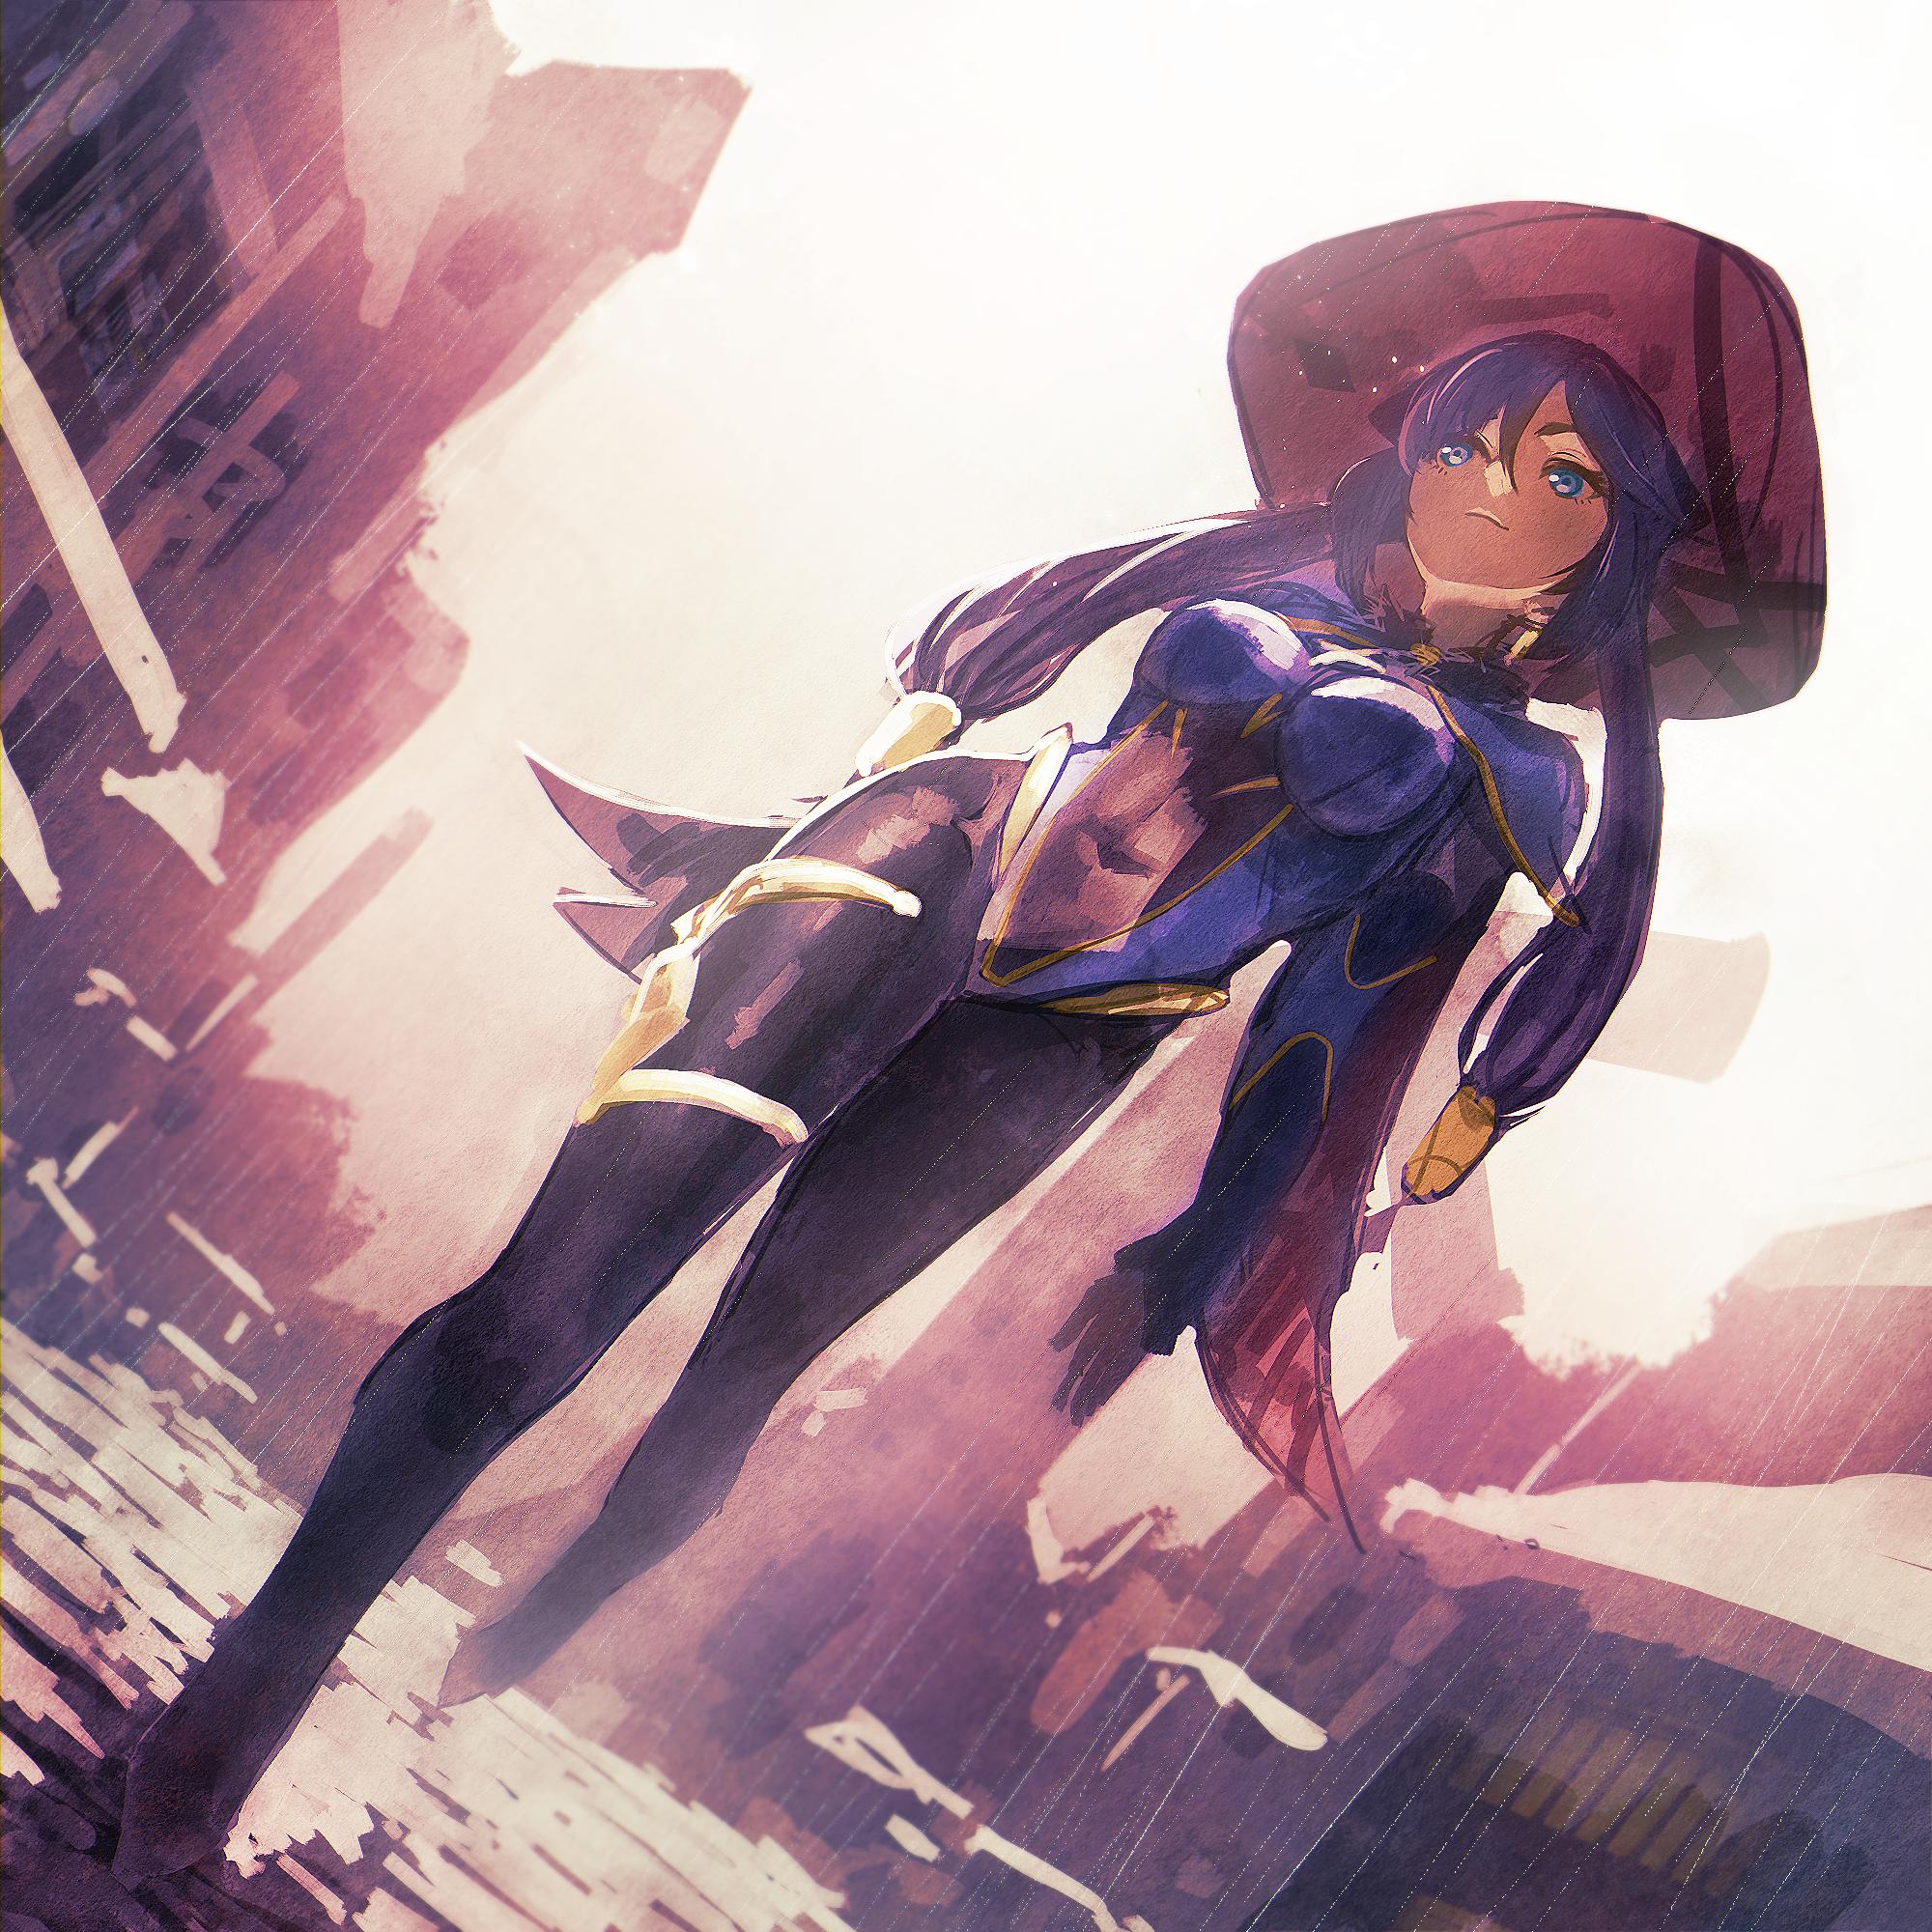 Anime 2000x2000 Genshin Impact Mona (Genshin Impact) anime hat women with hats walking outdoors city women outdoors urban long hair blue eyes purple hair bodysuit anime girls Kyou